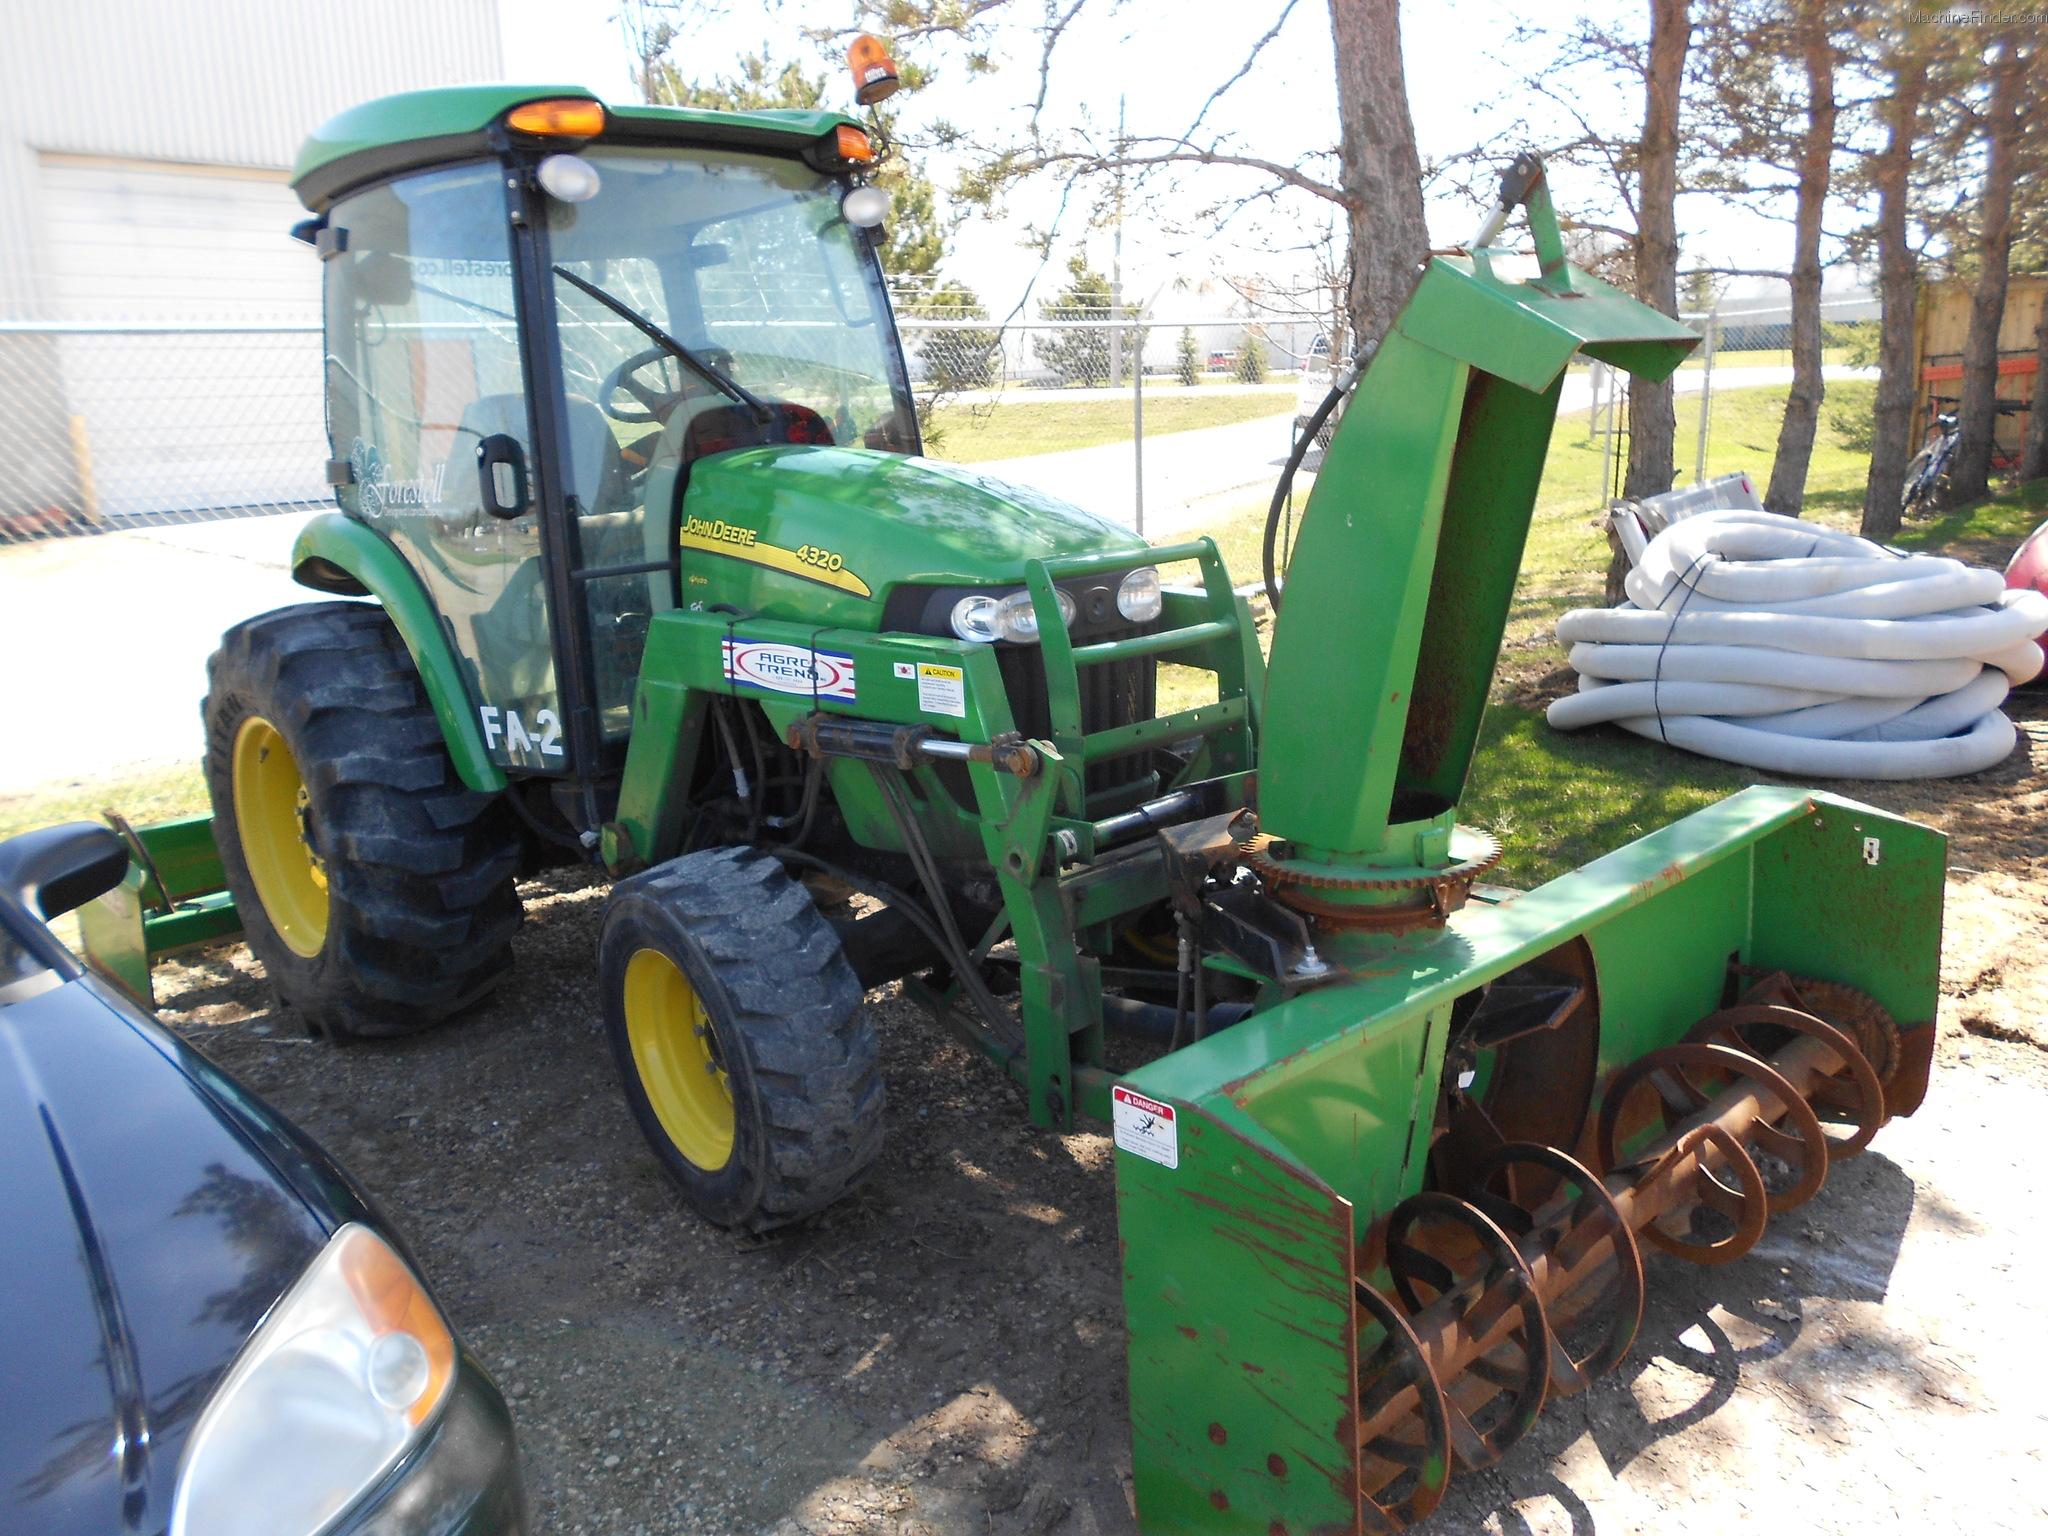 2010 John Deere 4320 Tractors - Compact  1-40hp